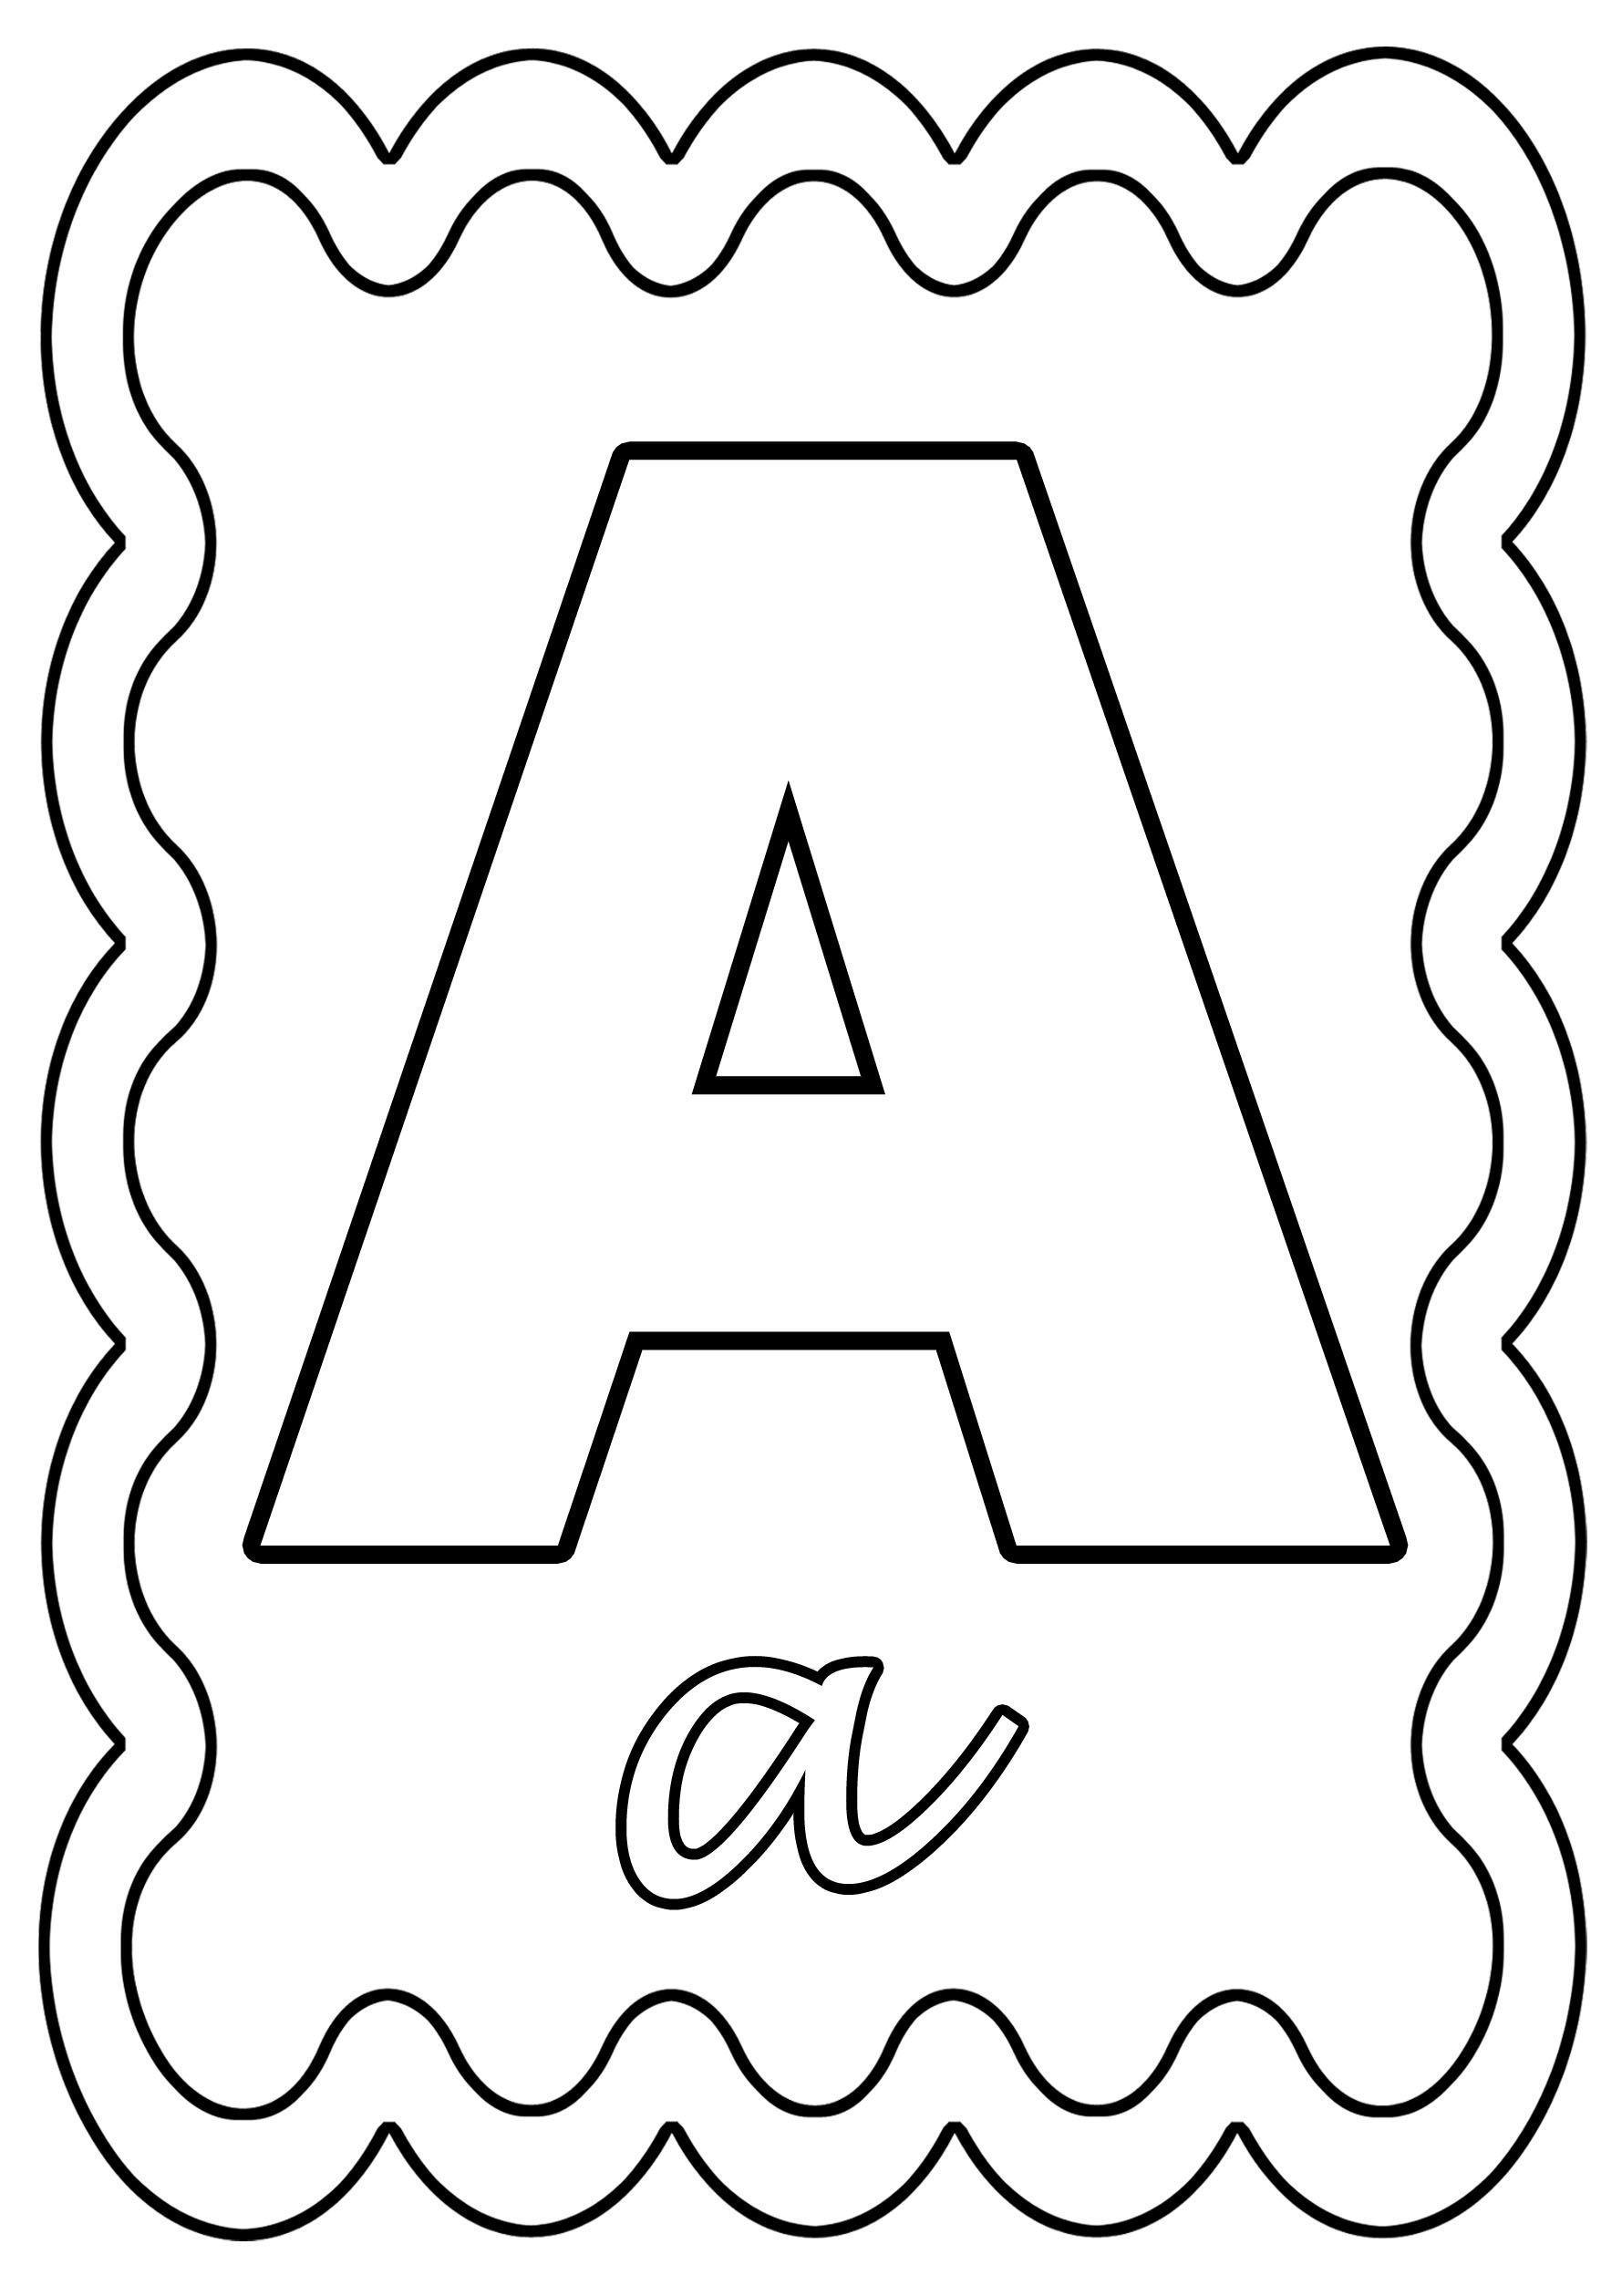 Coloriage Alphabet Lettre De A A Z encequiconcerne Coloriage Alphabet Complet A Imprimer